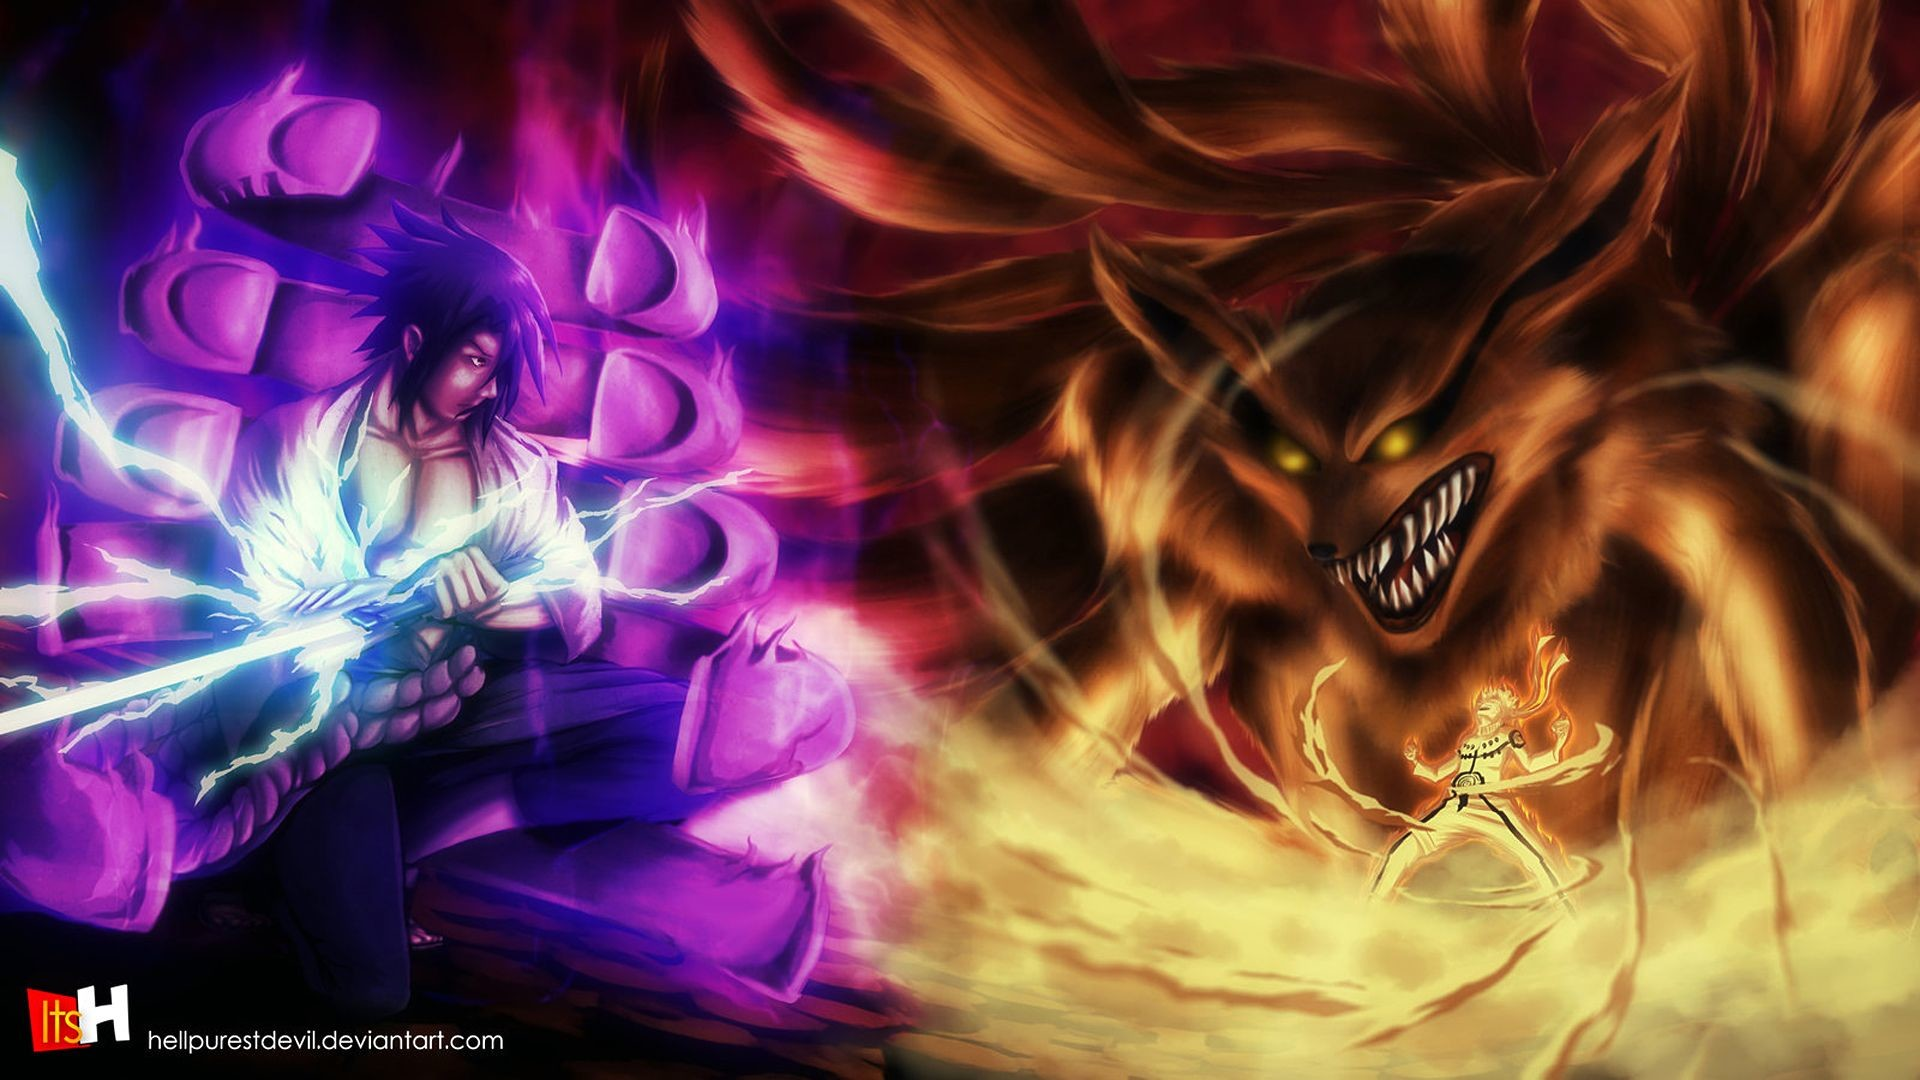 Naruto Vs Sasuke Wallpaper 57 Images